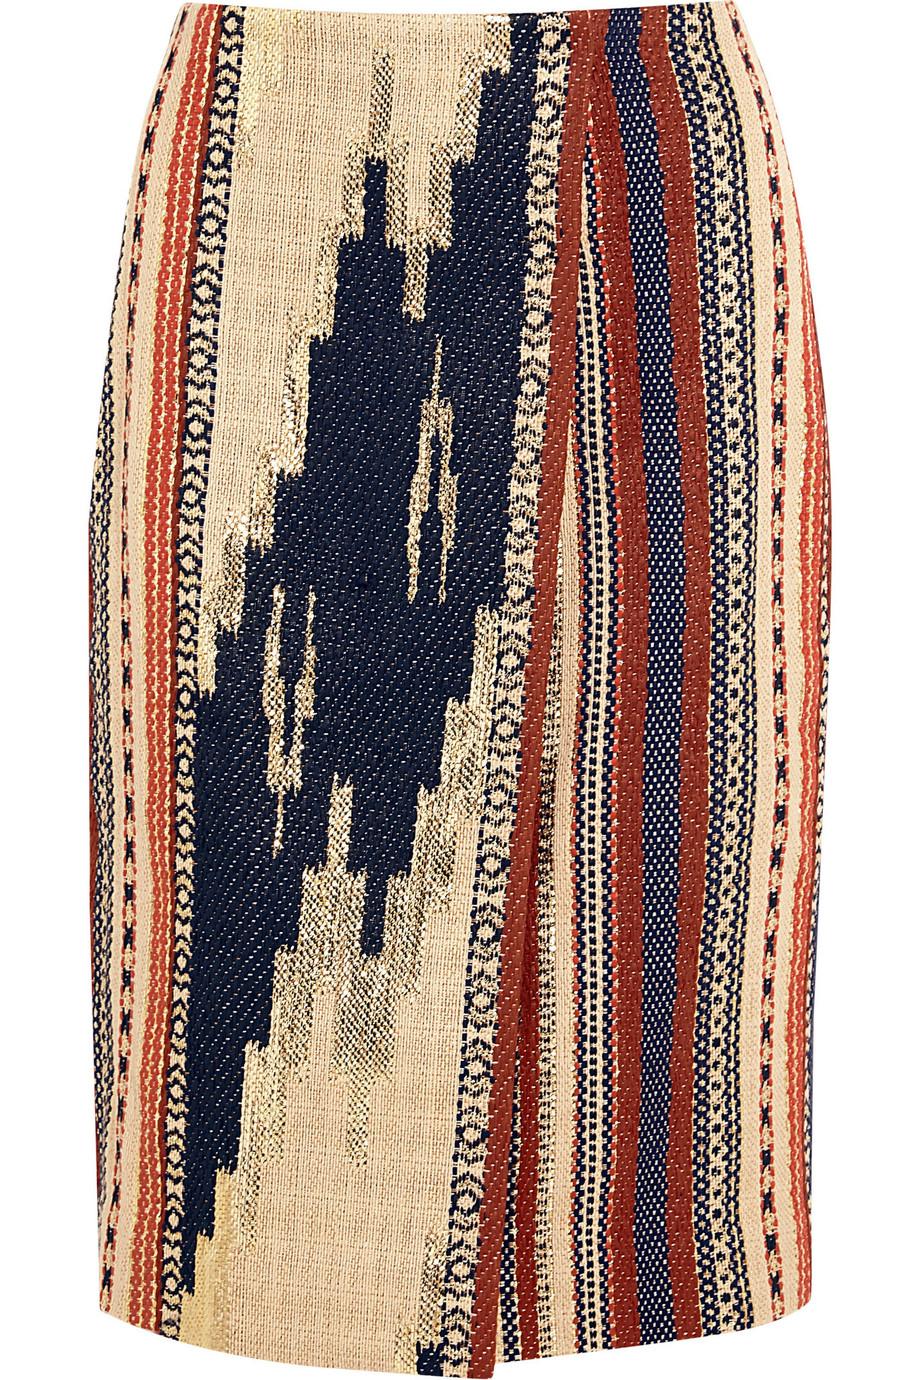 J.Crew Collection Alto metallic Ikat jacquard wrap pencil skirt – 70% at THE OUTNET.COM